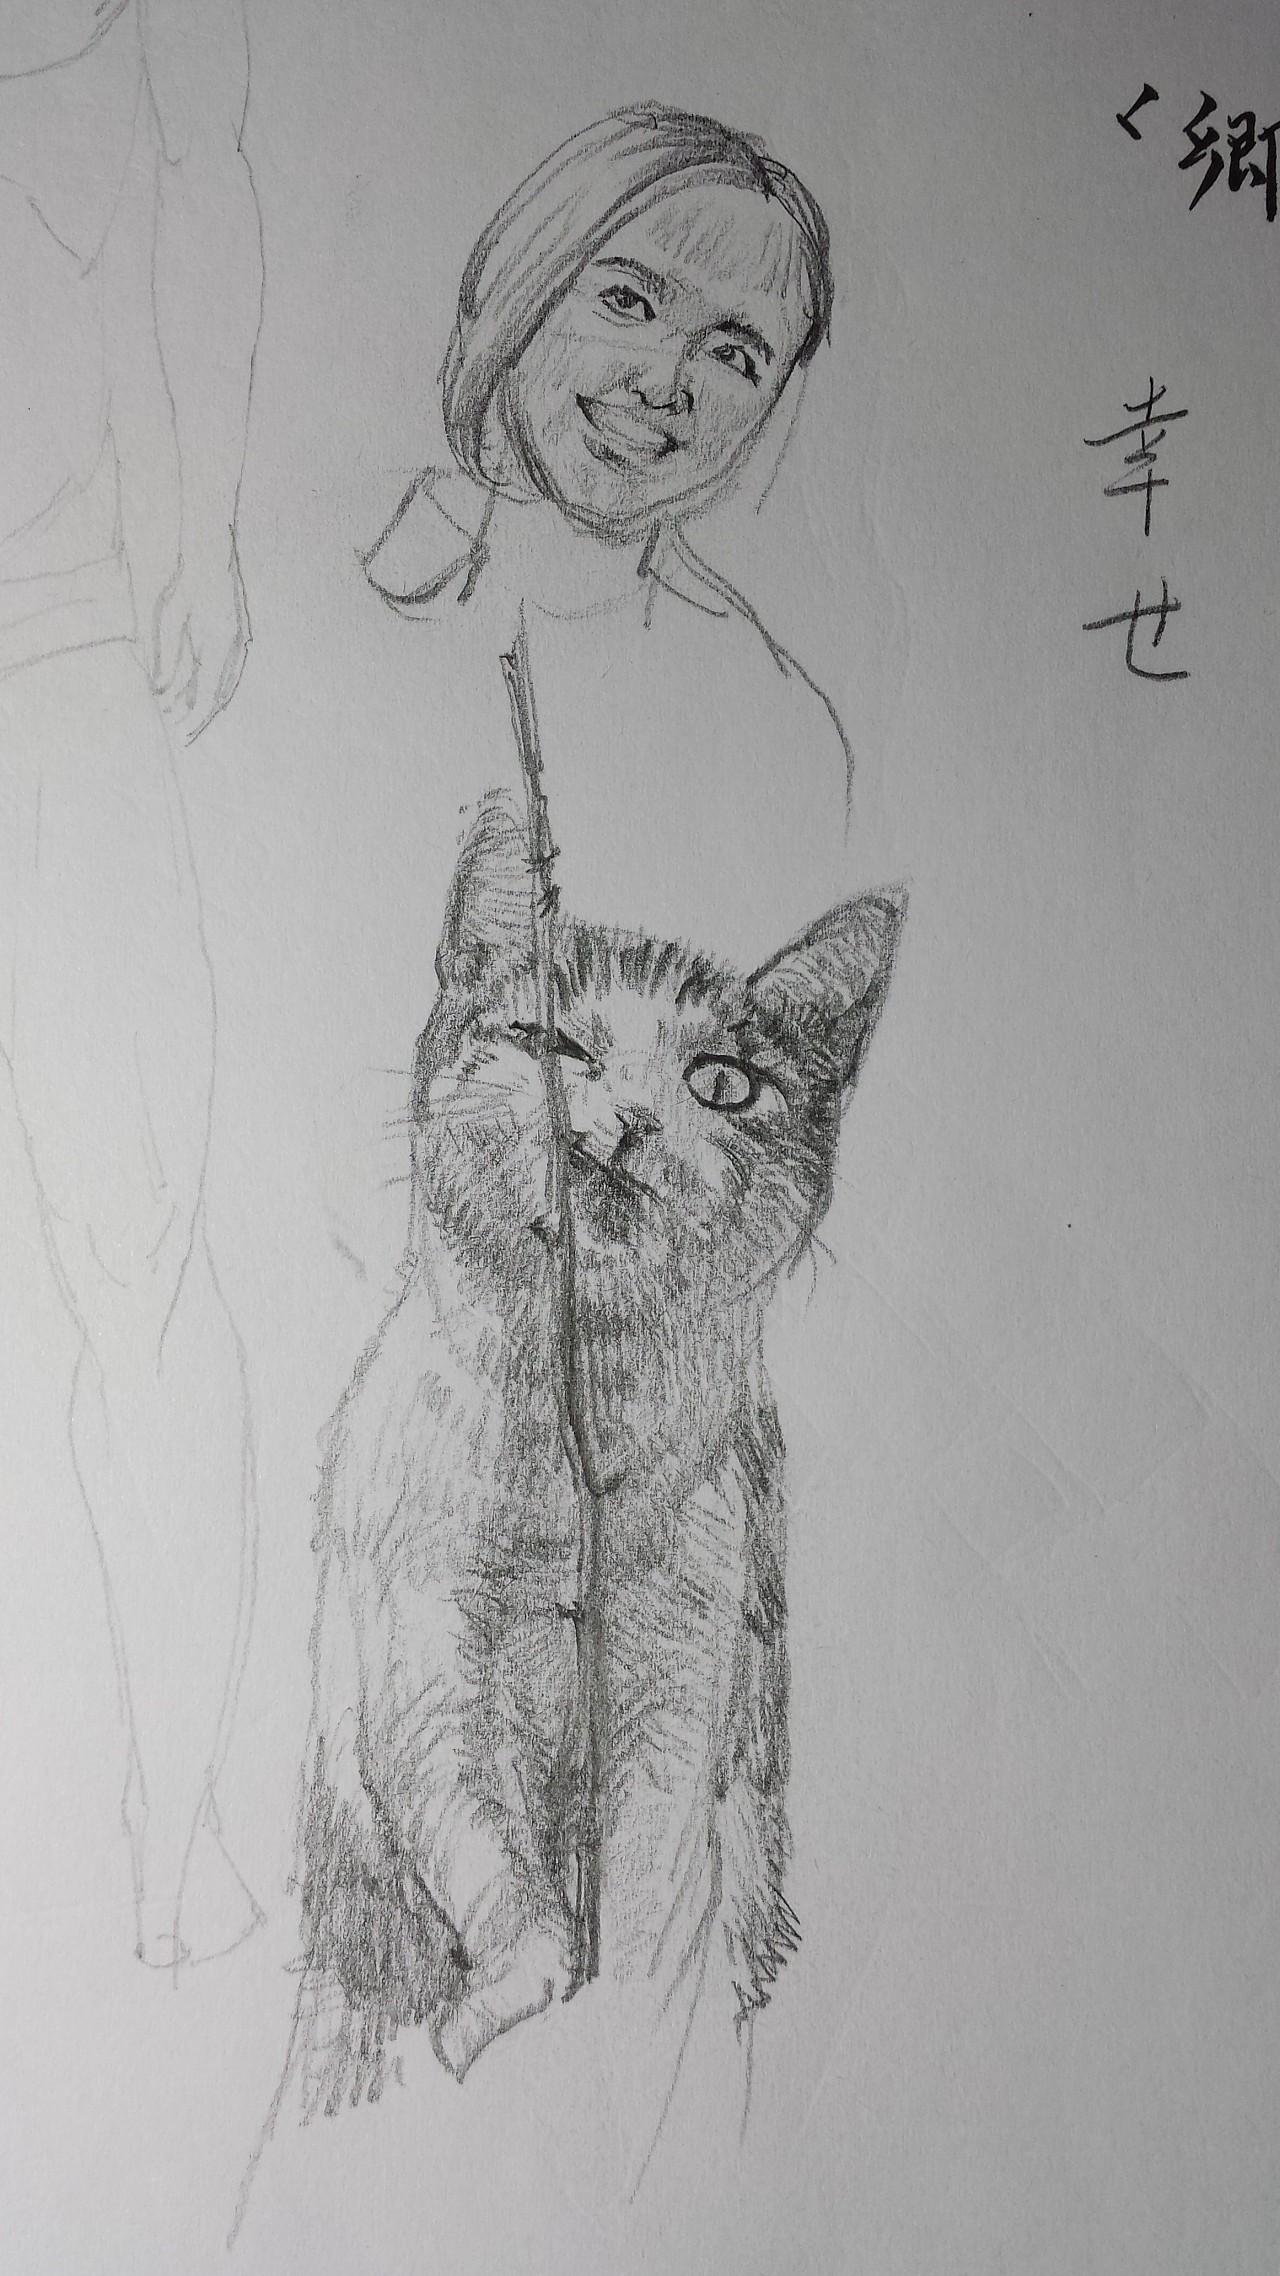 手绘速写|插画|插画习作|炭烤鱿鱼须 - 原创作品